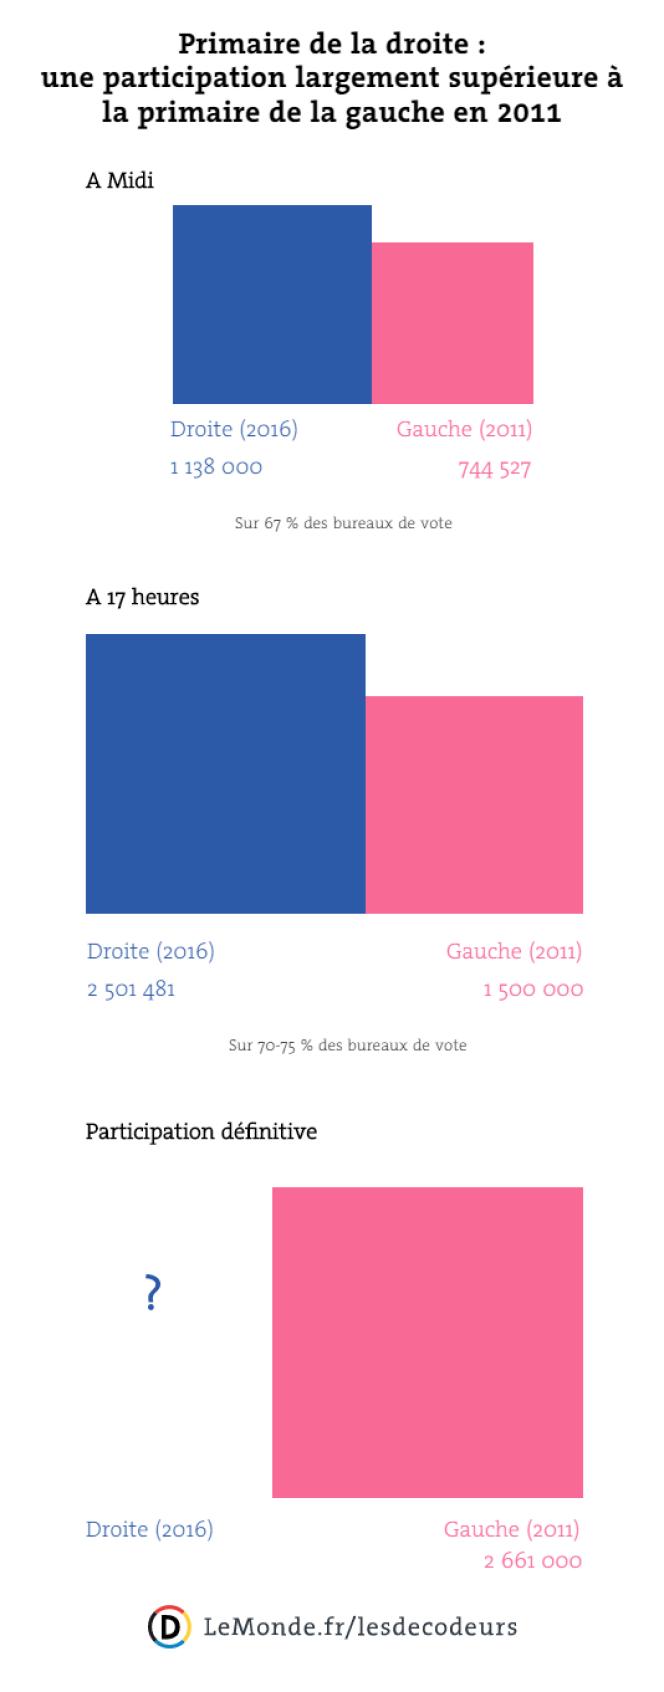 Primaire de la droite : une participation largement supérieure à la primaire de la gauche en 2011.